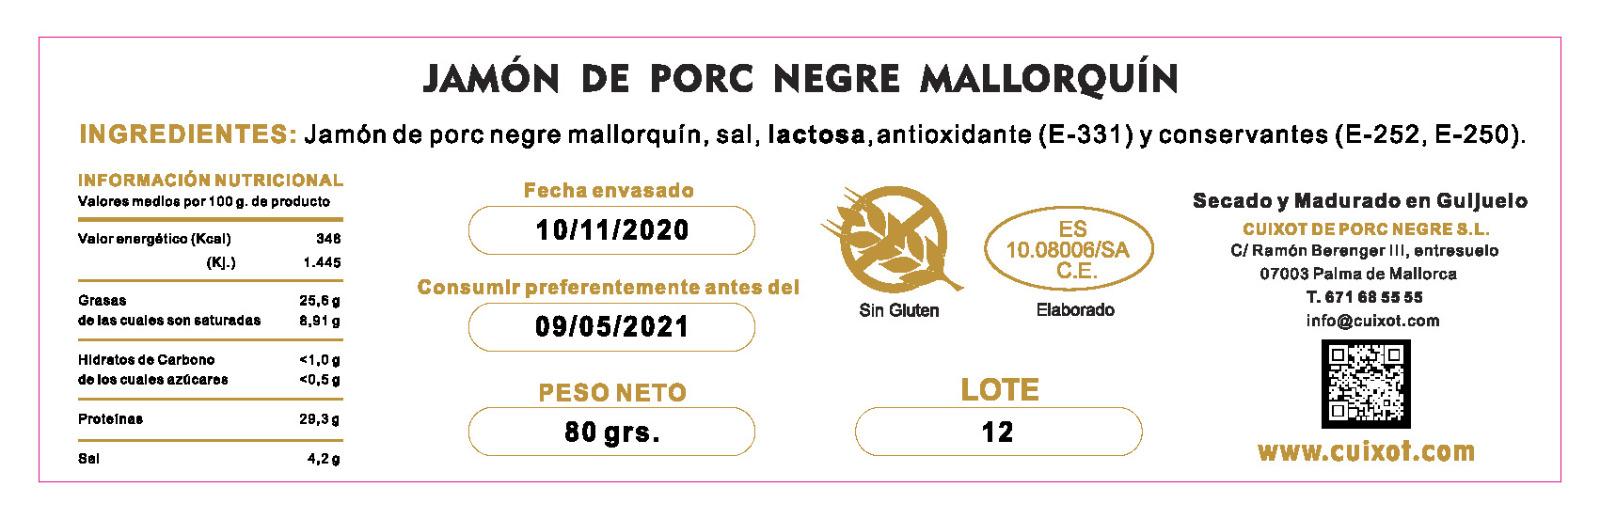 JAMÓN DE PORC NEGRE